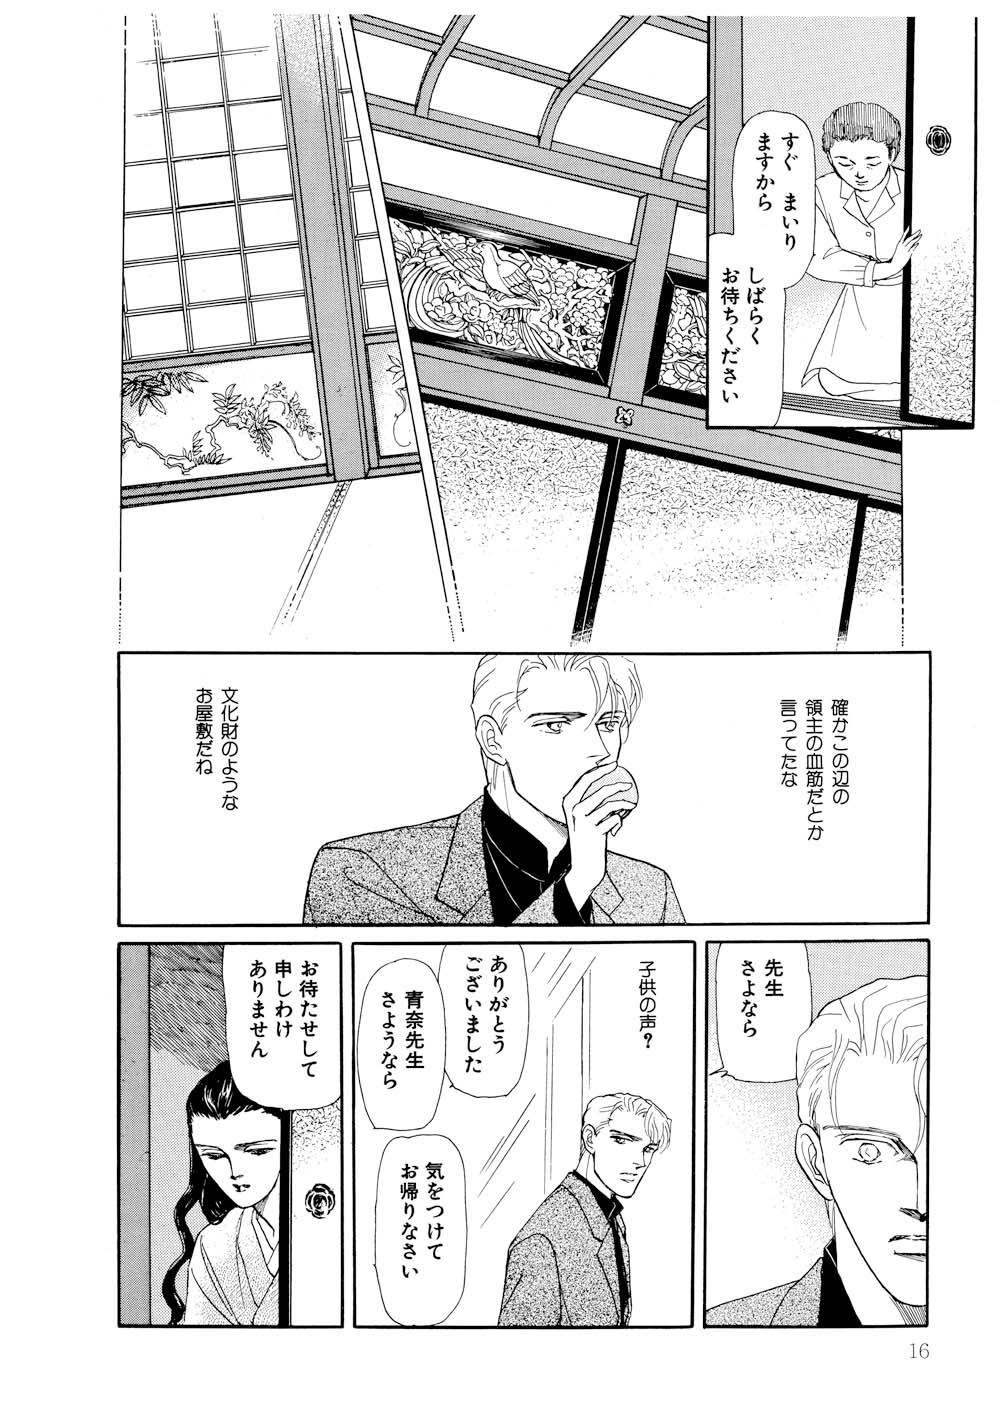 波津彬子04_016.jpg